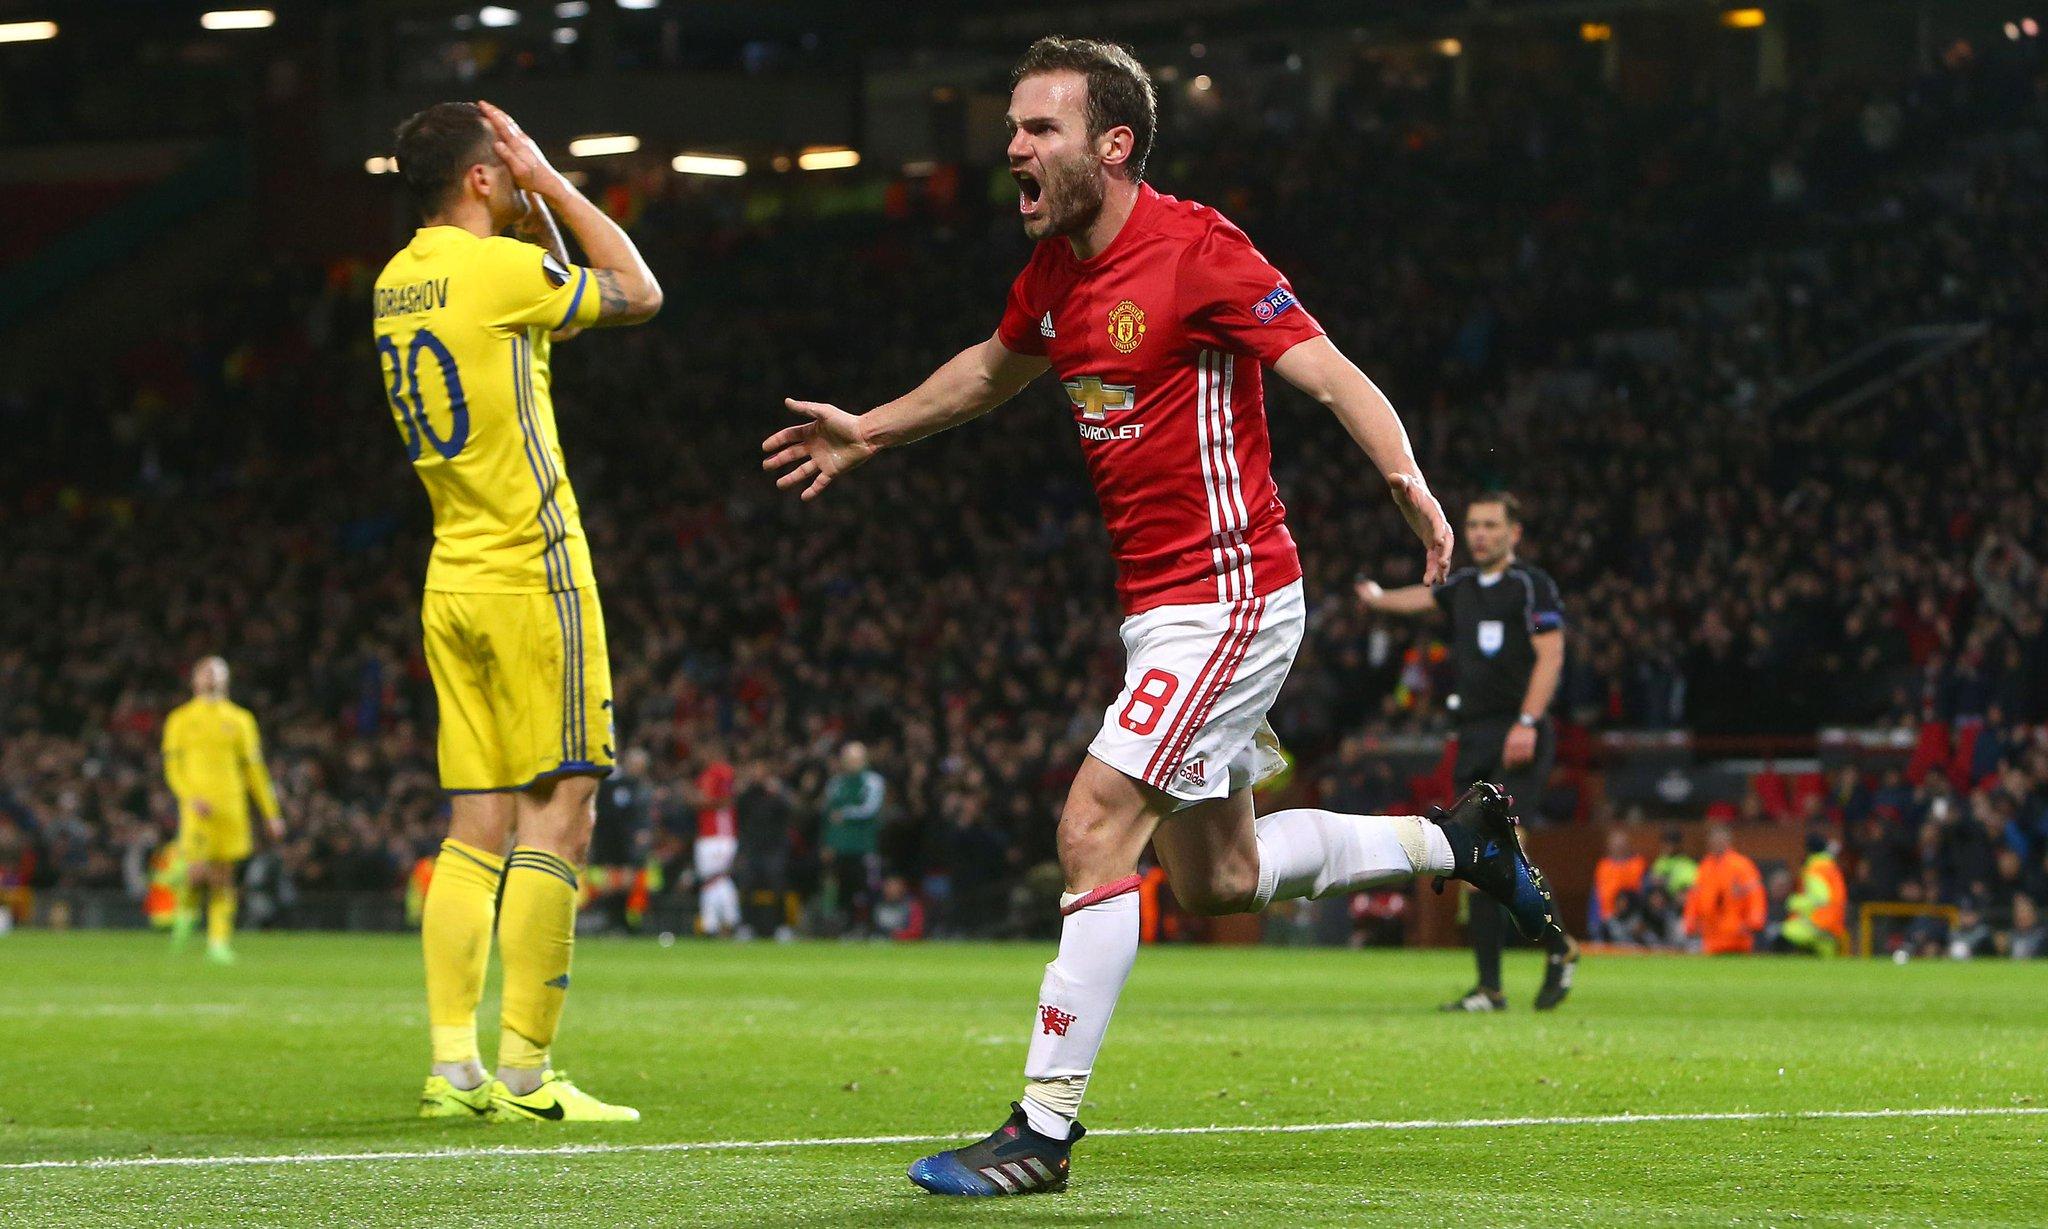 Europa: Pogba Injured As Man United Reach Q/Finals; Lyon, Ajax Through